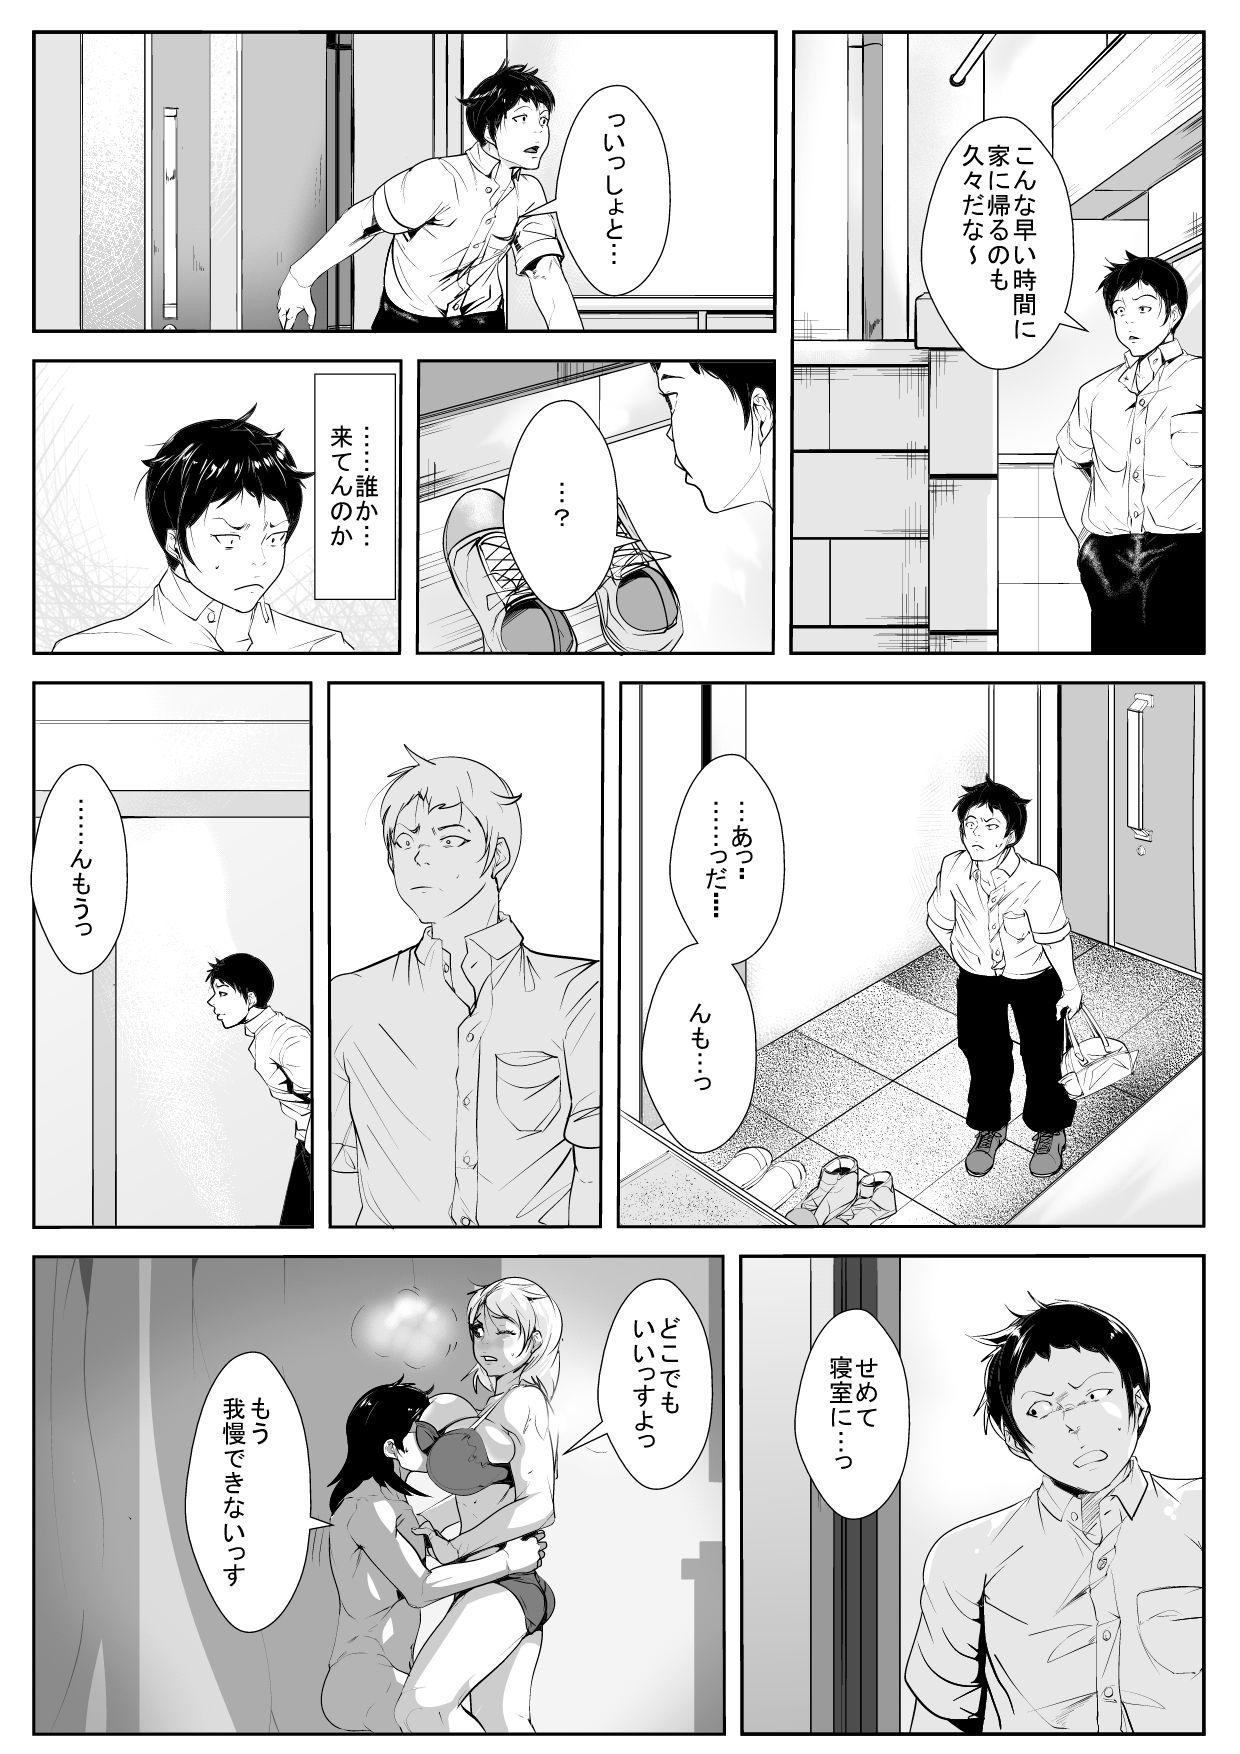 Hahaoya no Yousu ga Okashii to Omottara Tomodachi ni Netorareteta 4